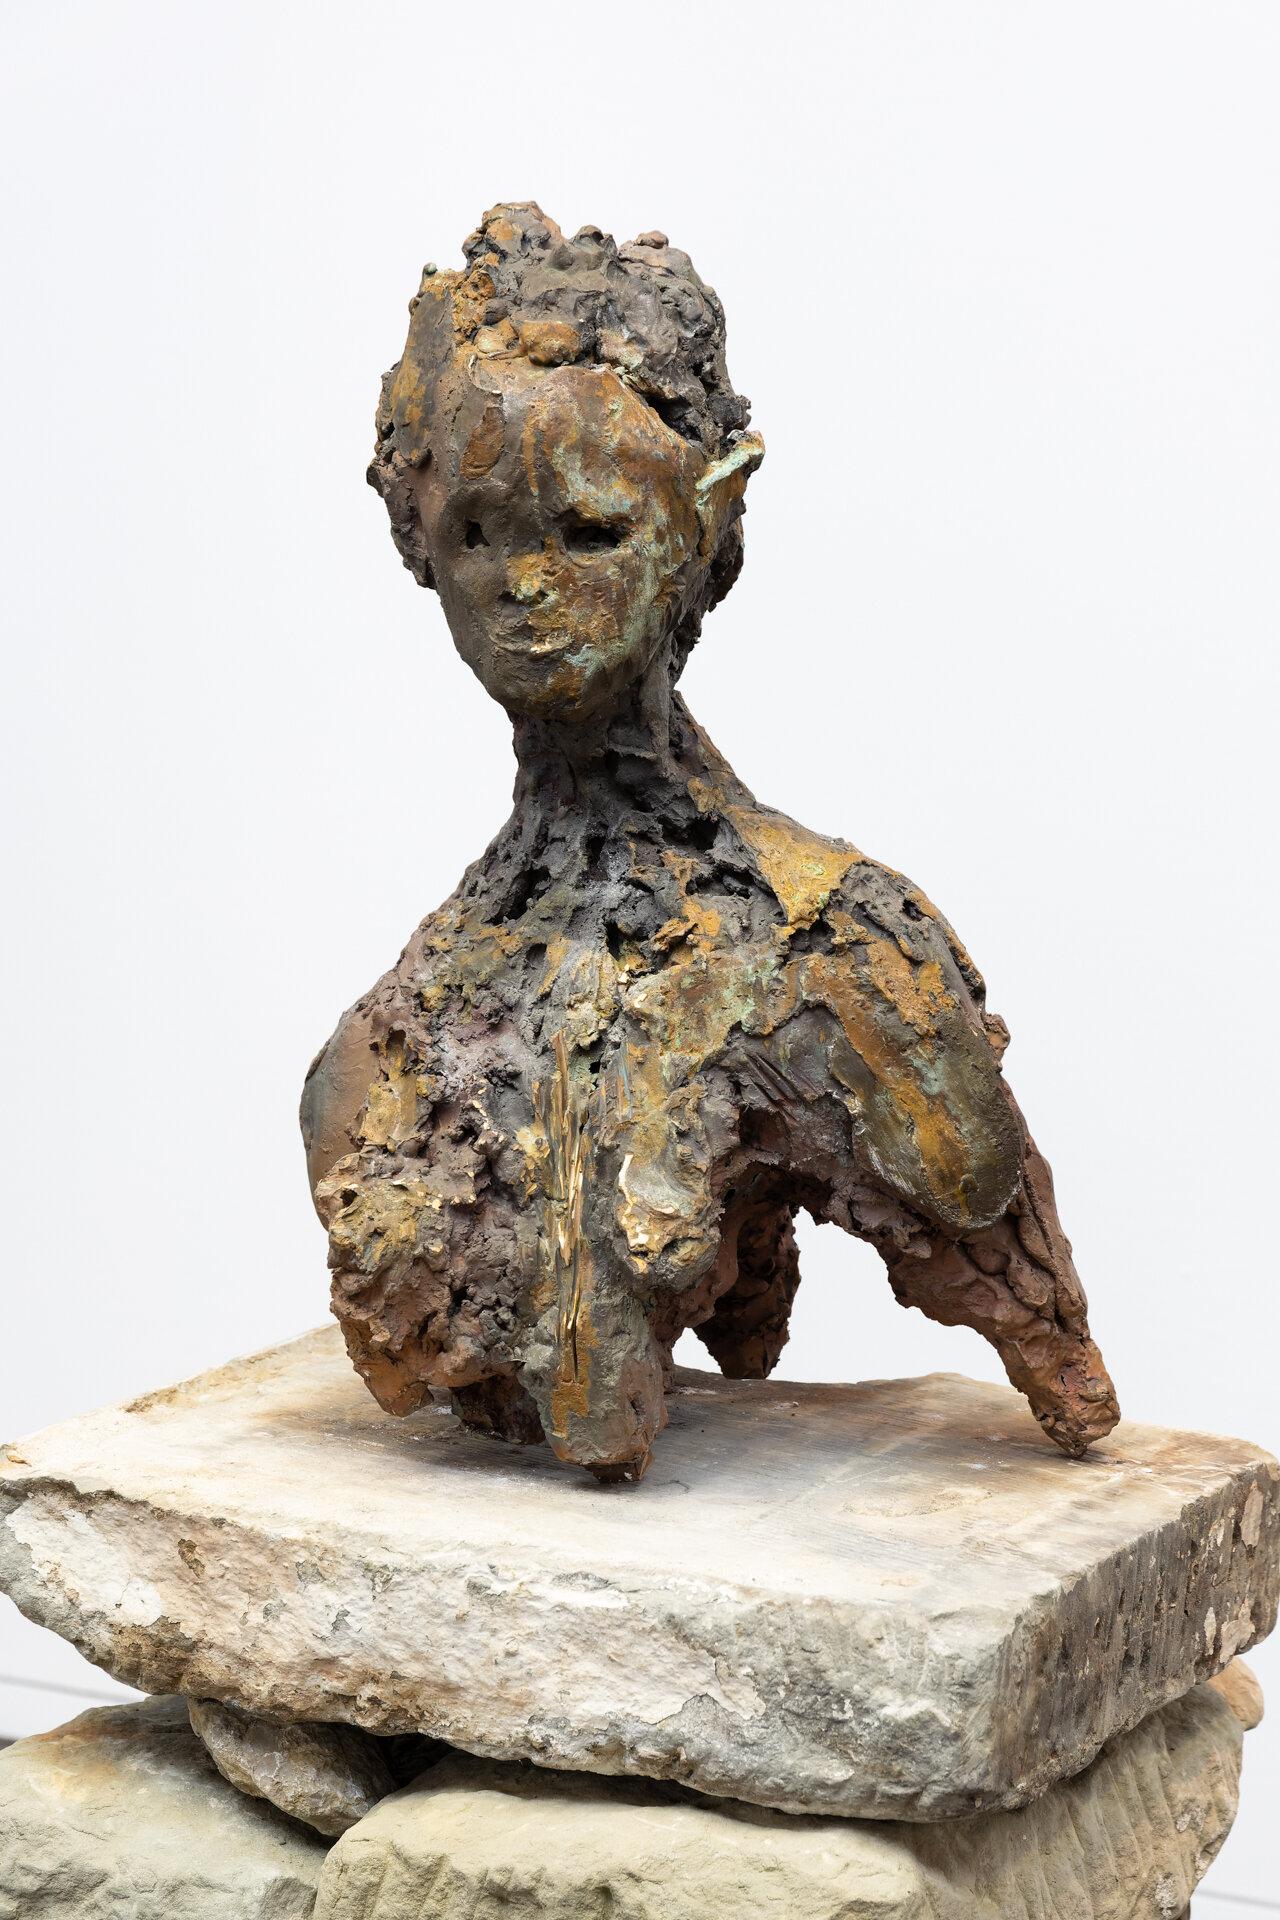 © Lionel Sabatté,  Firinga , bronze, 60x40x28 cm, 2019, tirage unique.